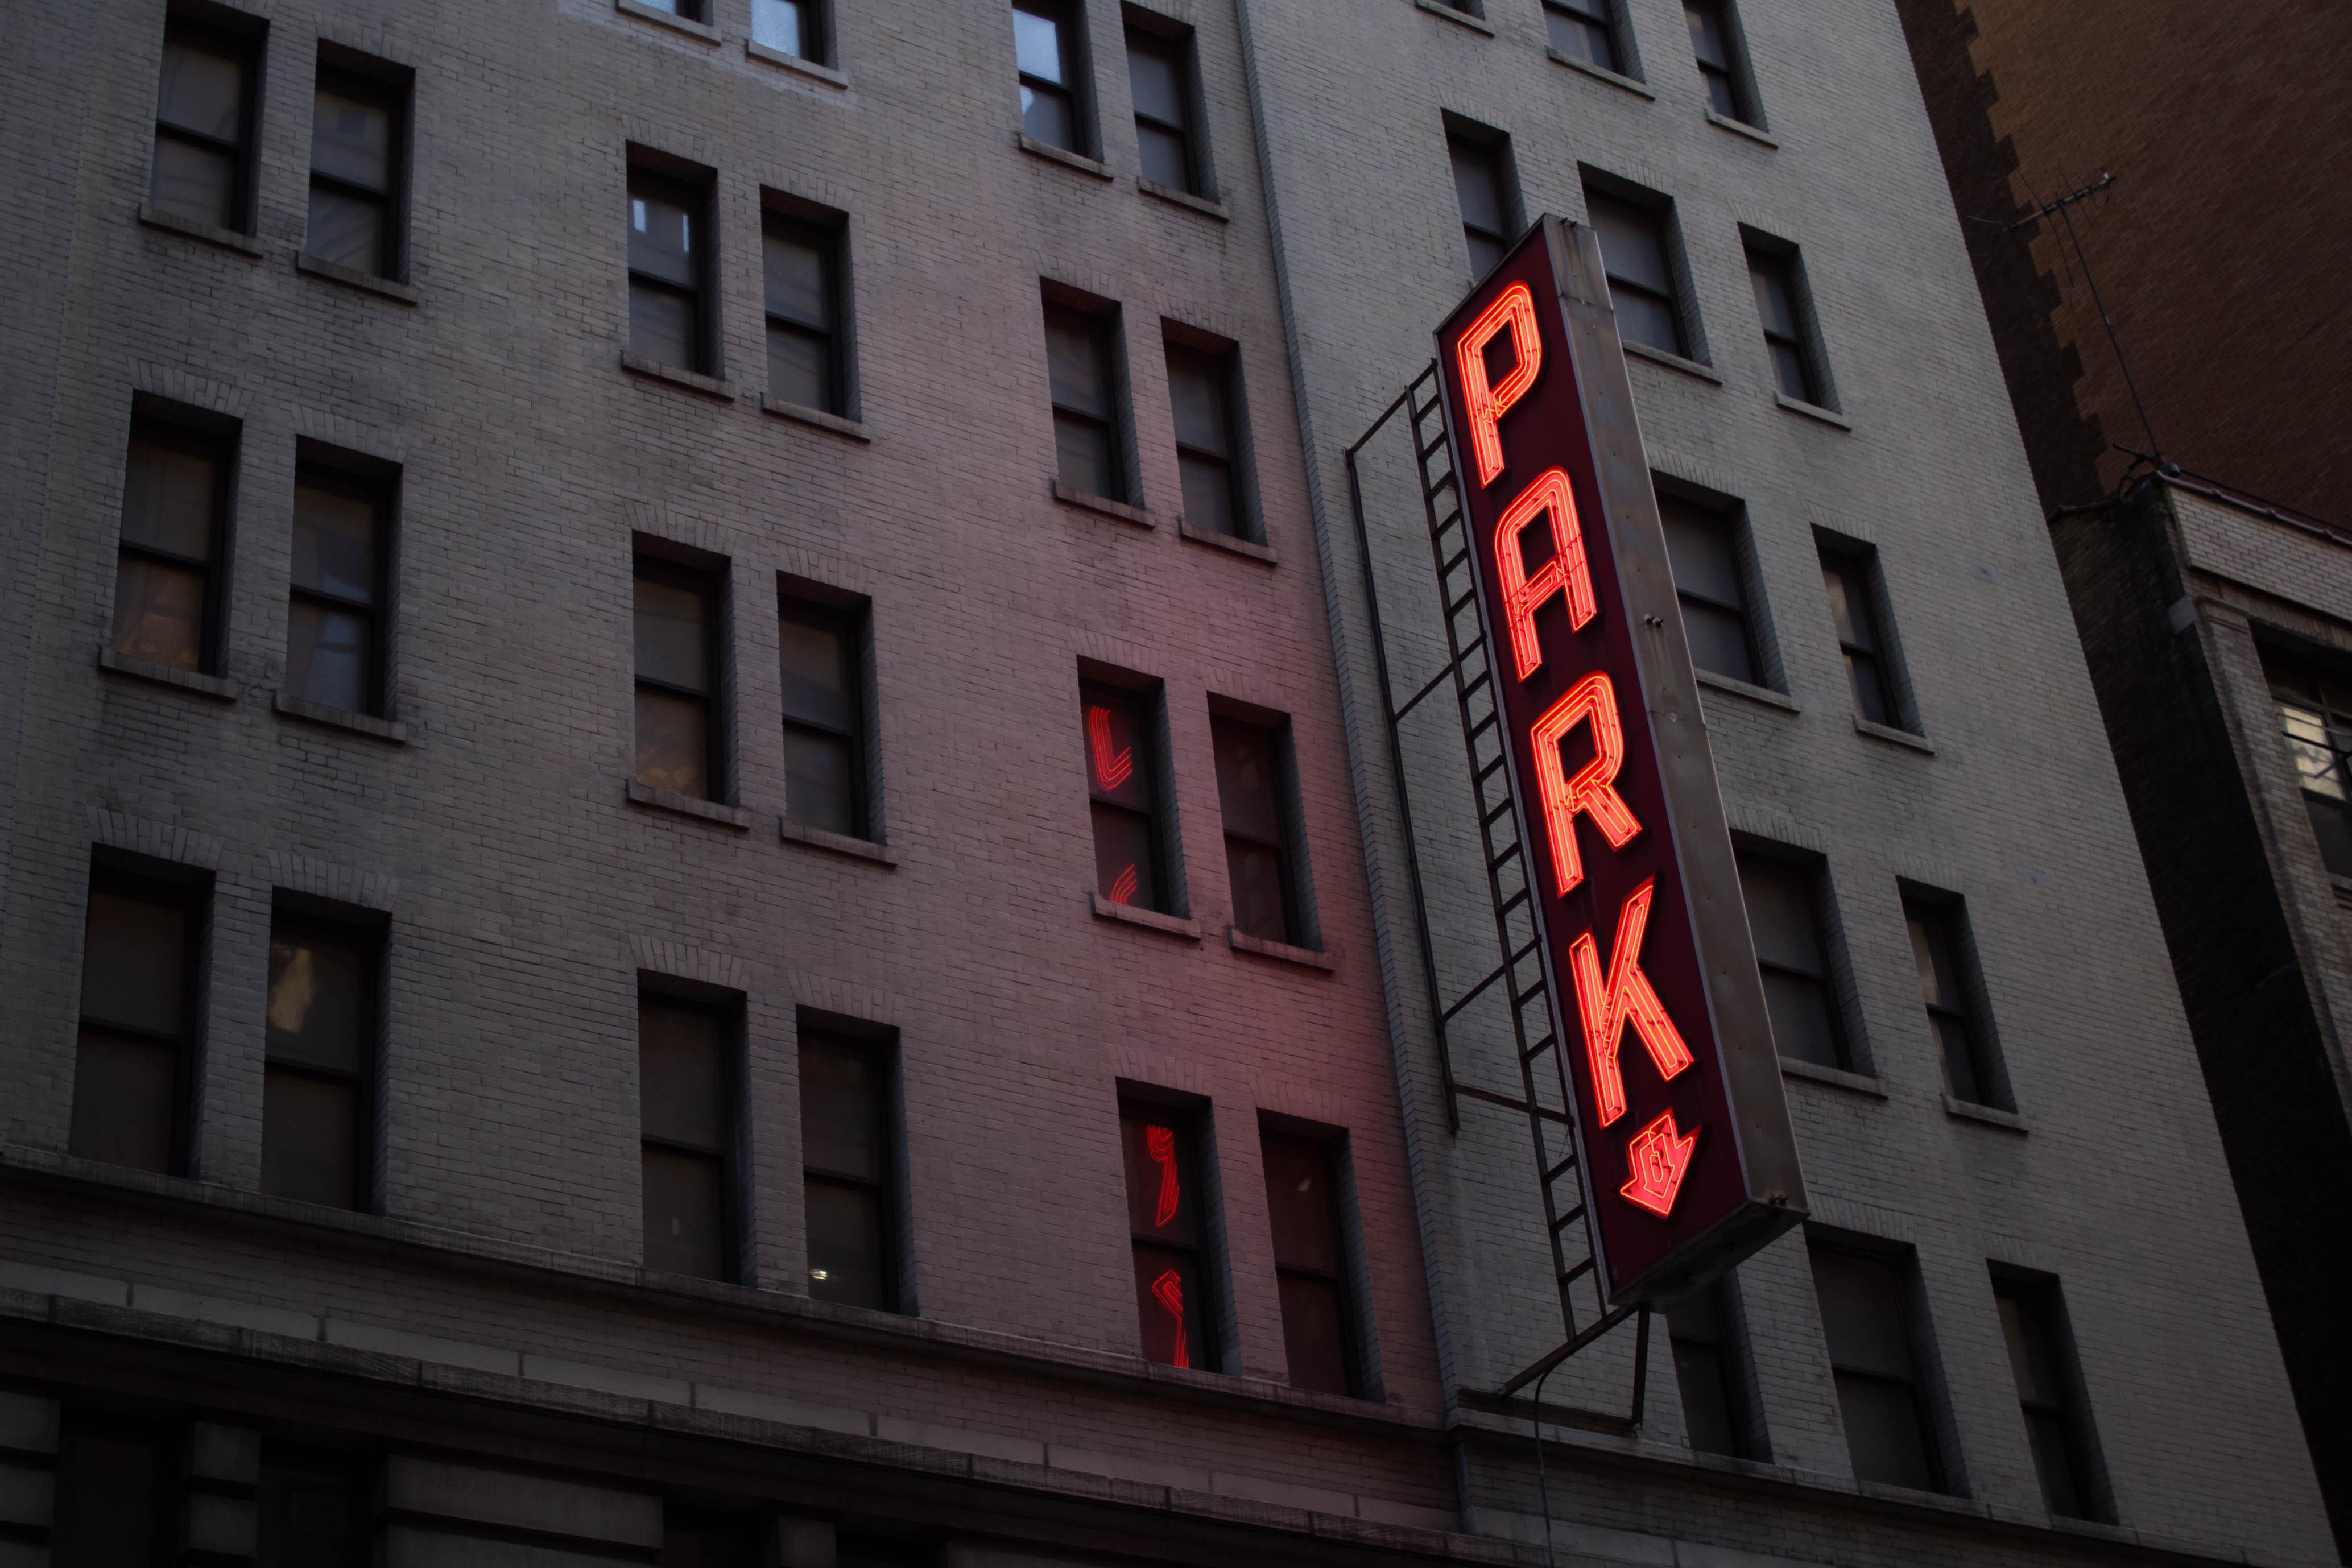 картинки вывесок на зданиях смотря